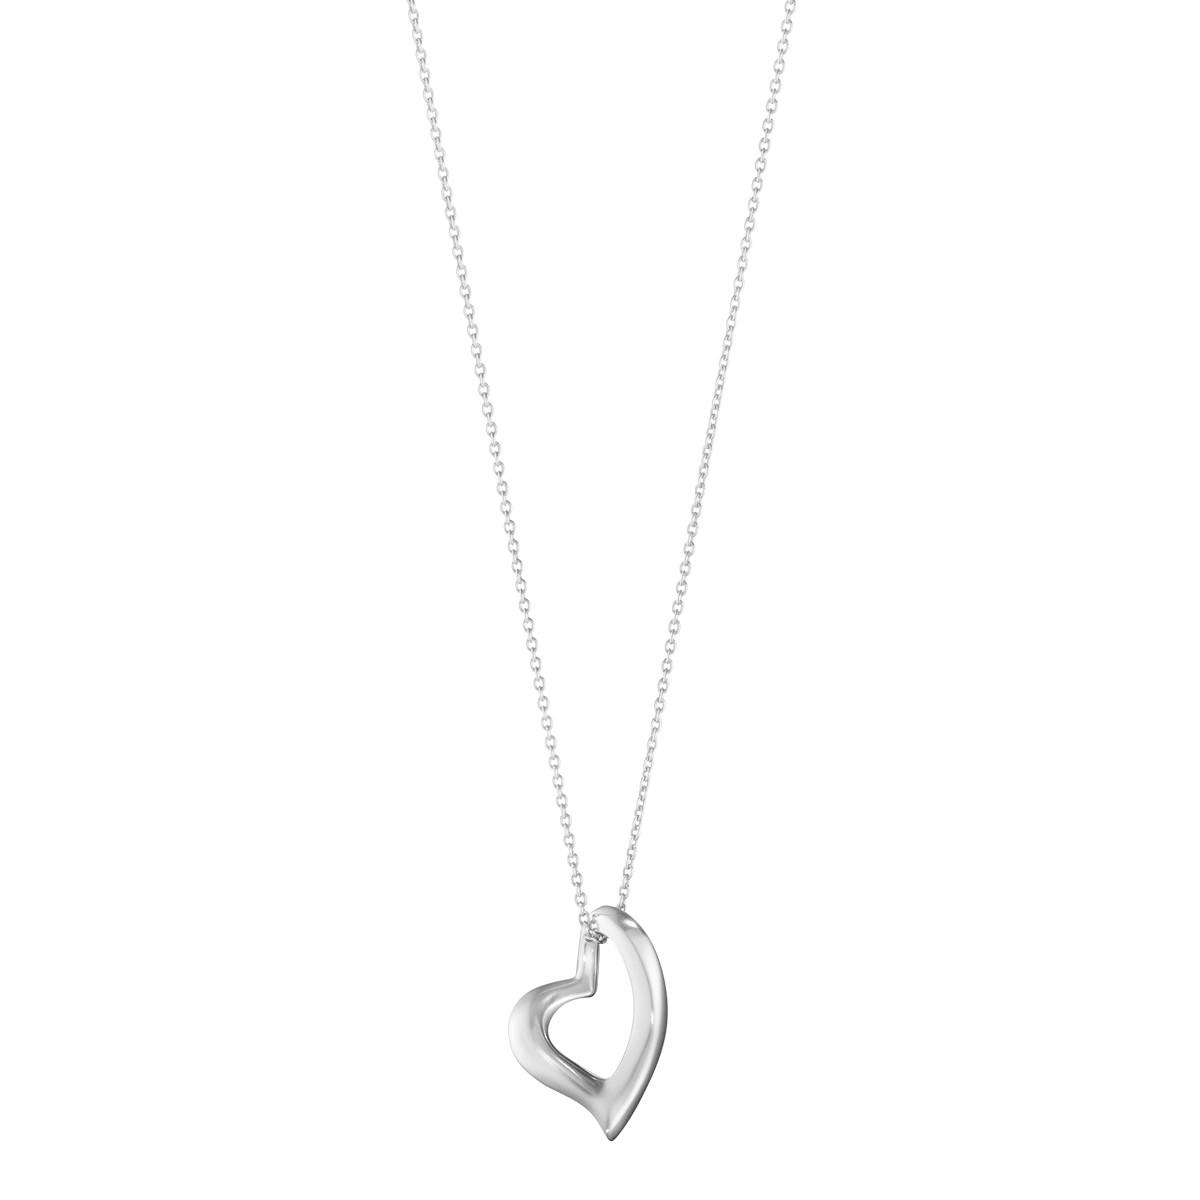 Georg Jensen Heart sølv halskæde - 10012161